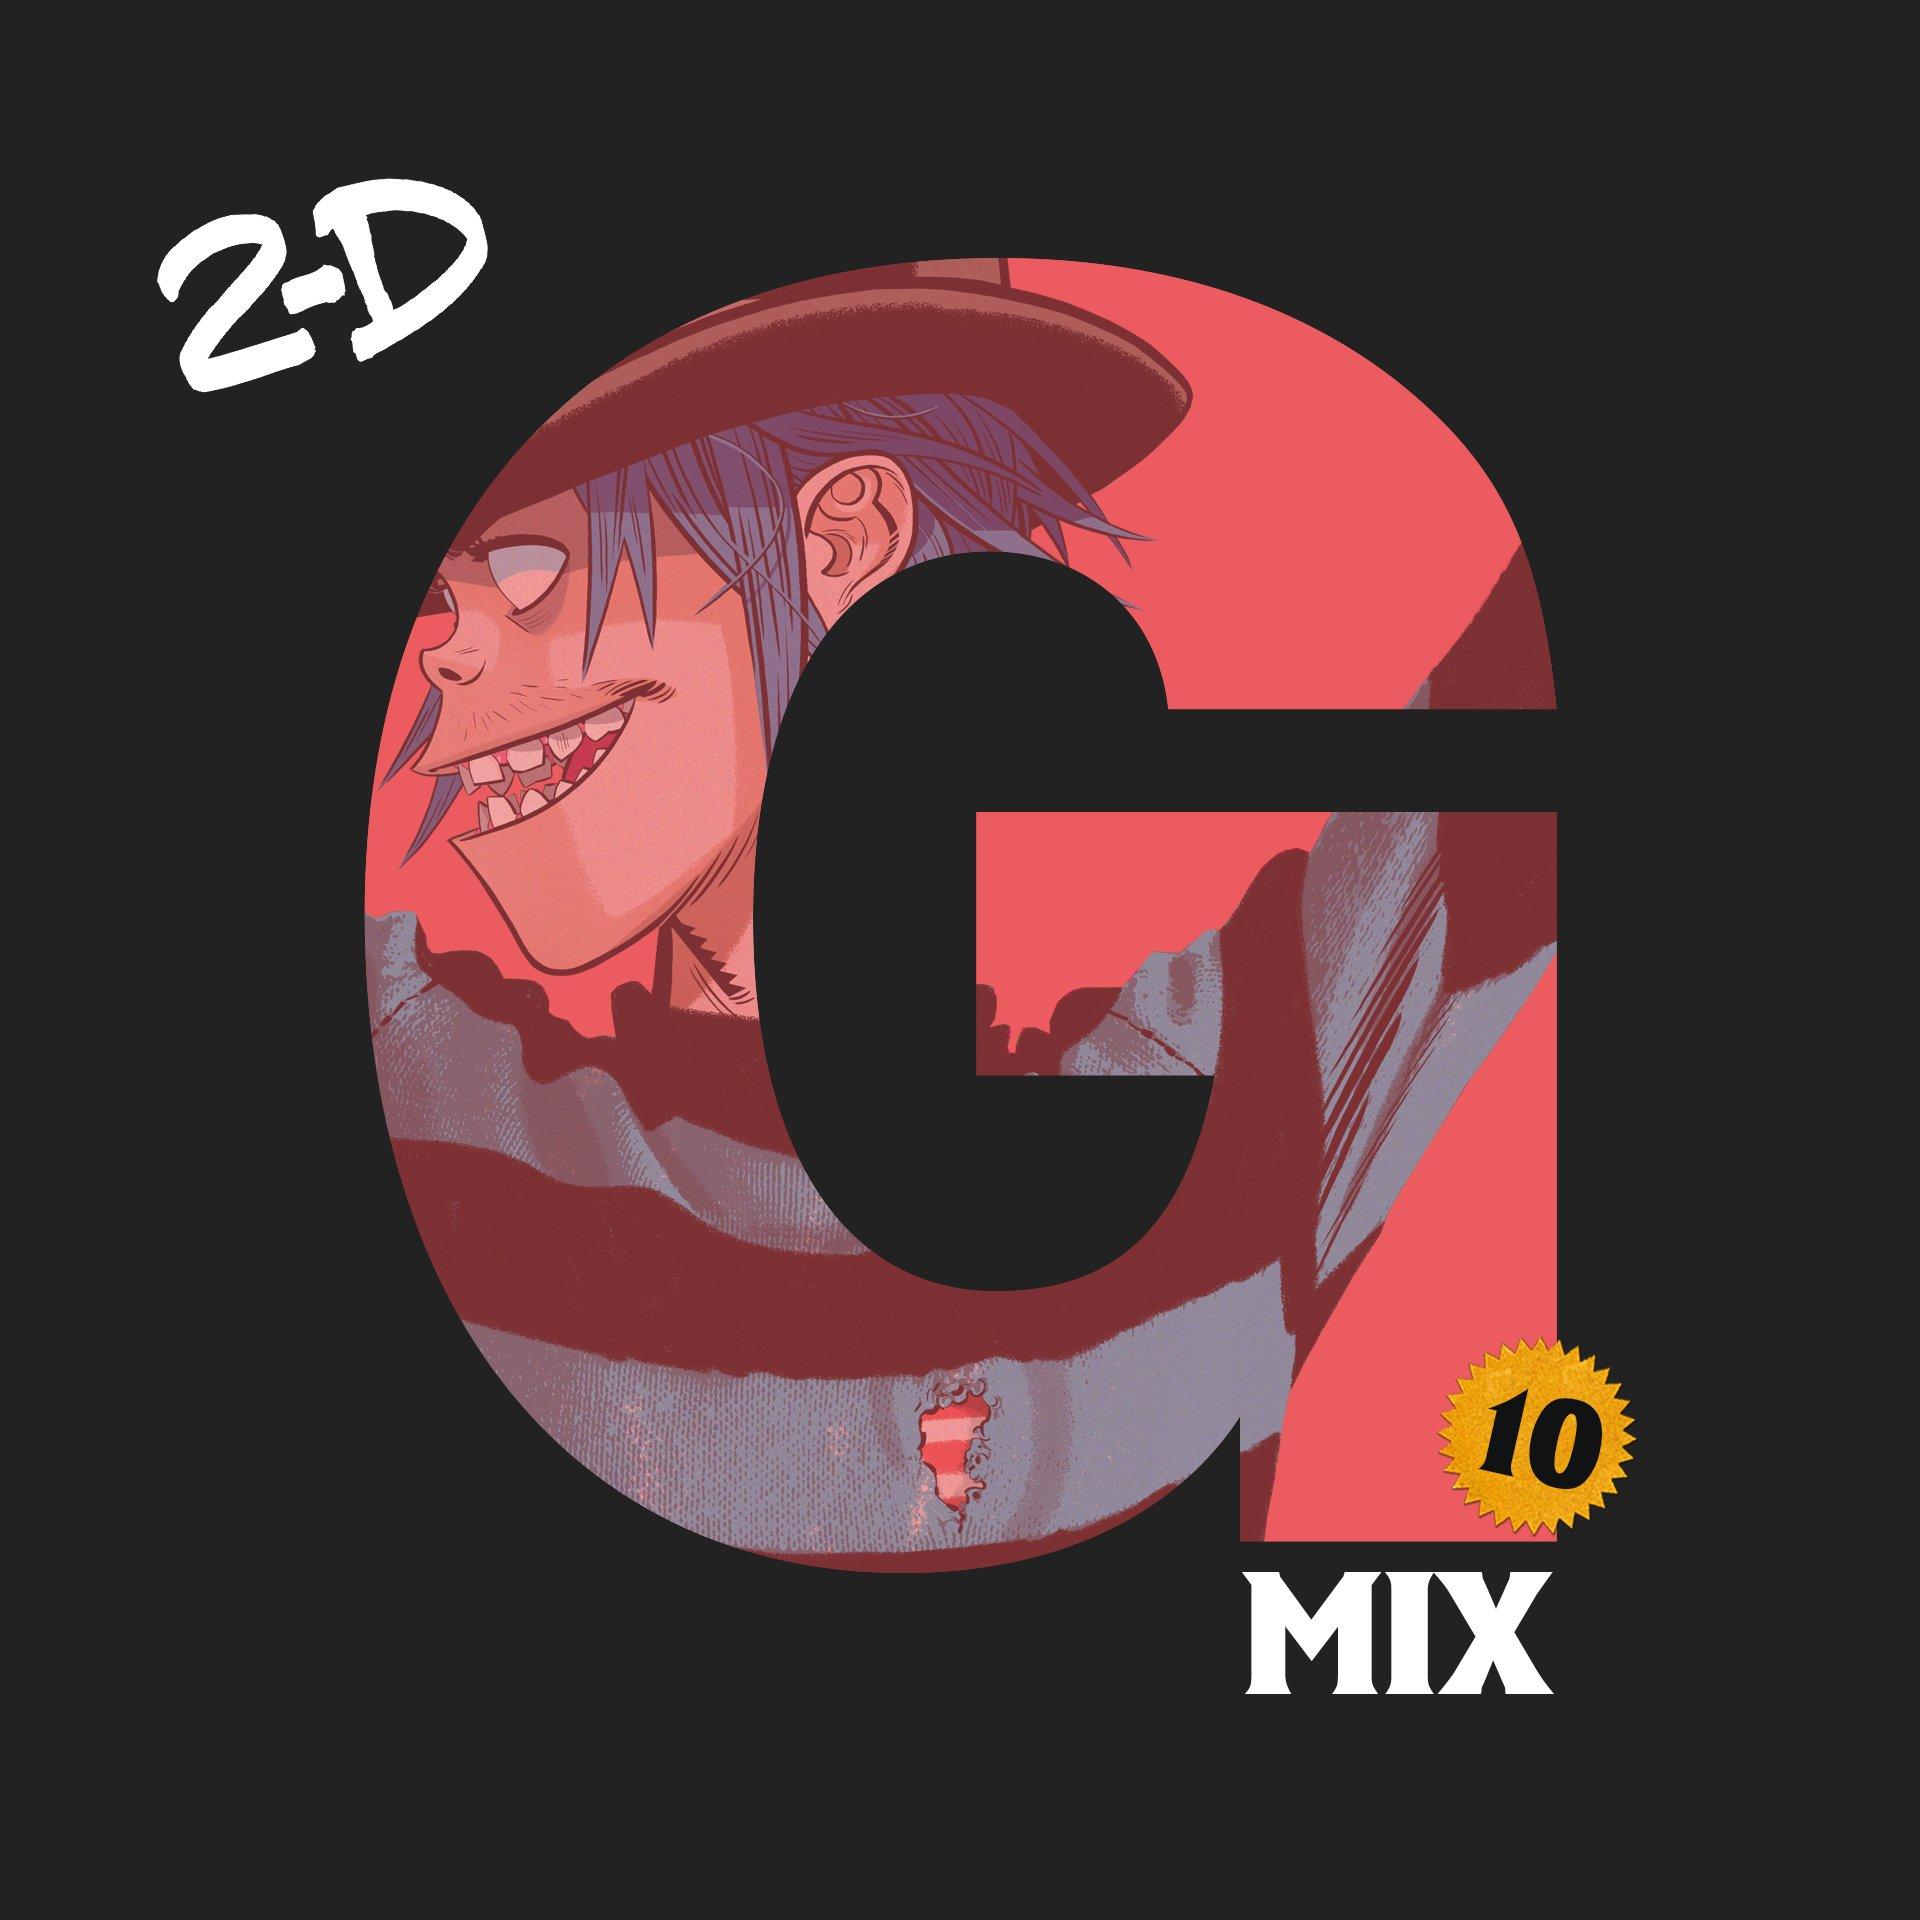 G-Mix: 2D 10